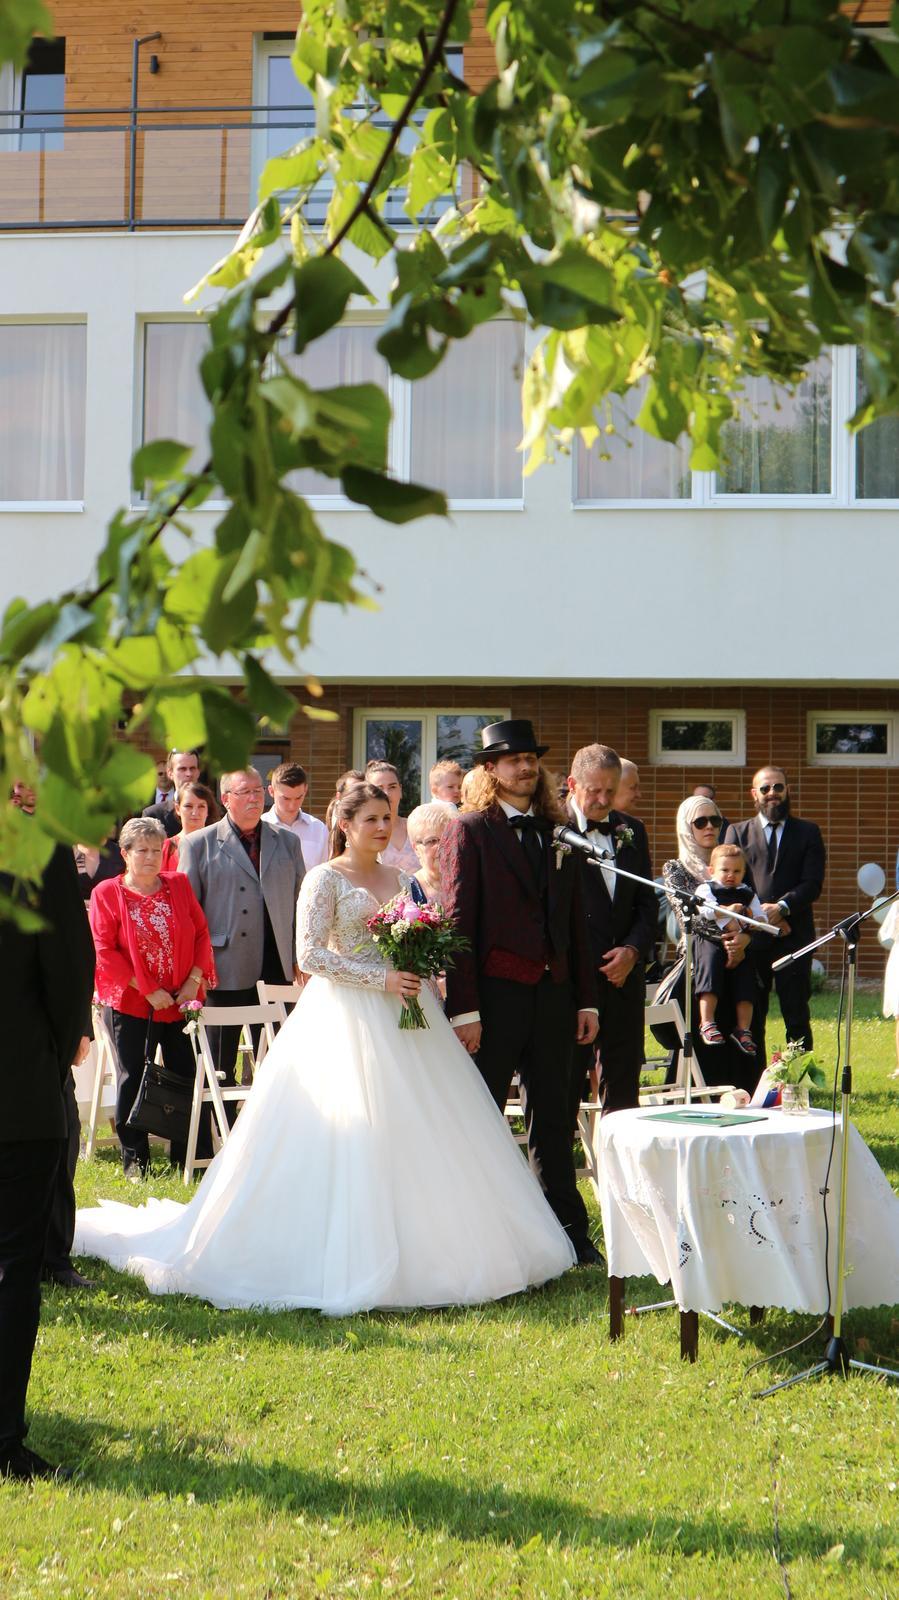 Djka eLLy d - svadba Hotel Kochau Kováčová - nazvučenie svadobného obradu - dj eLLy d